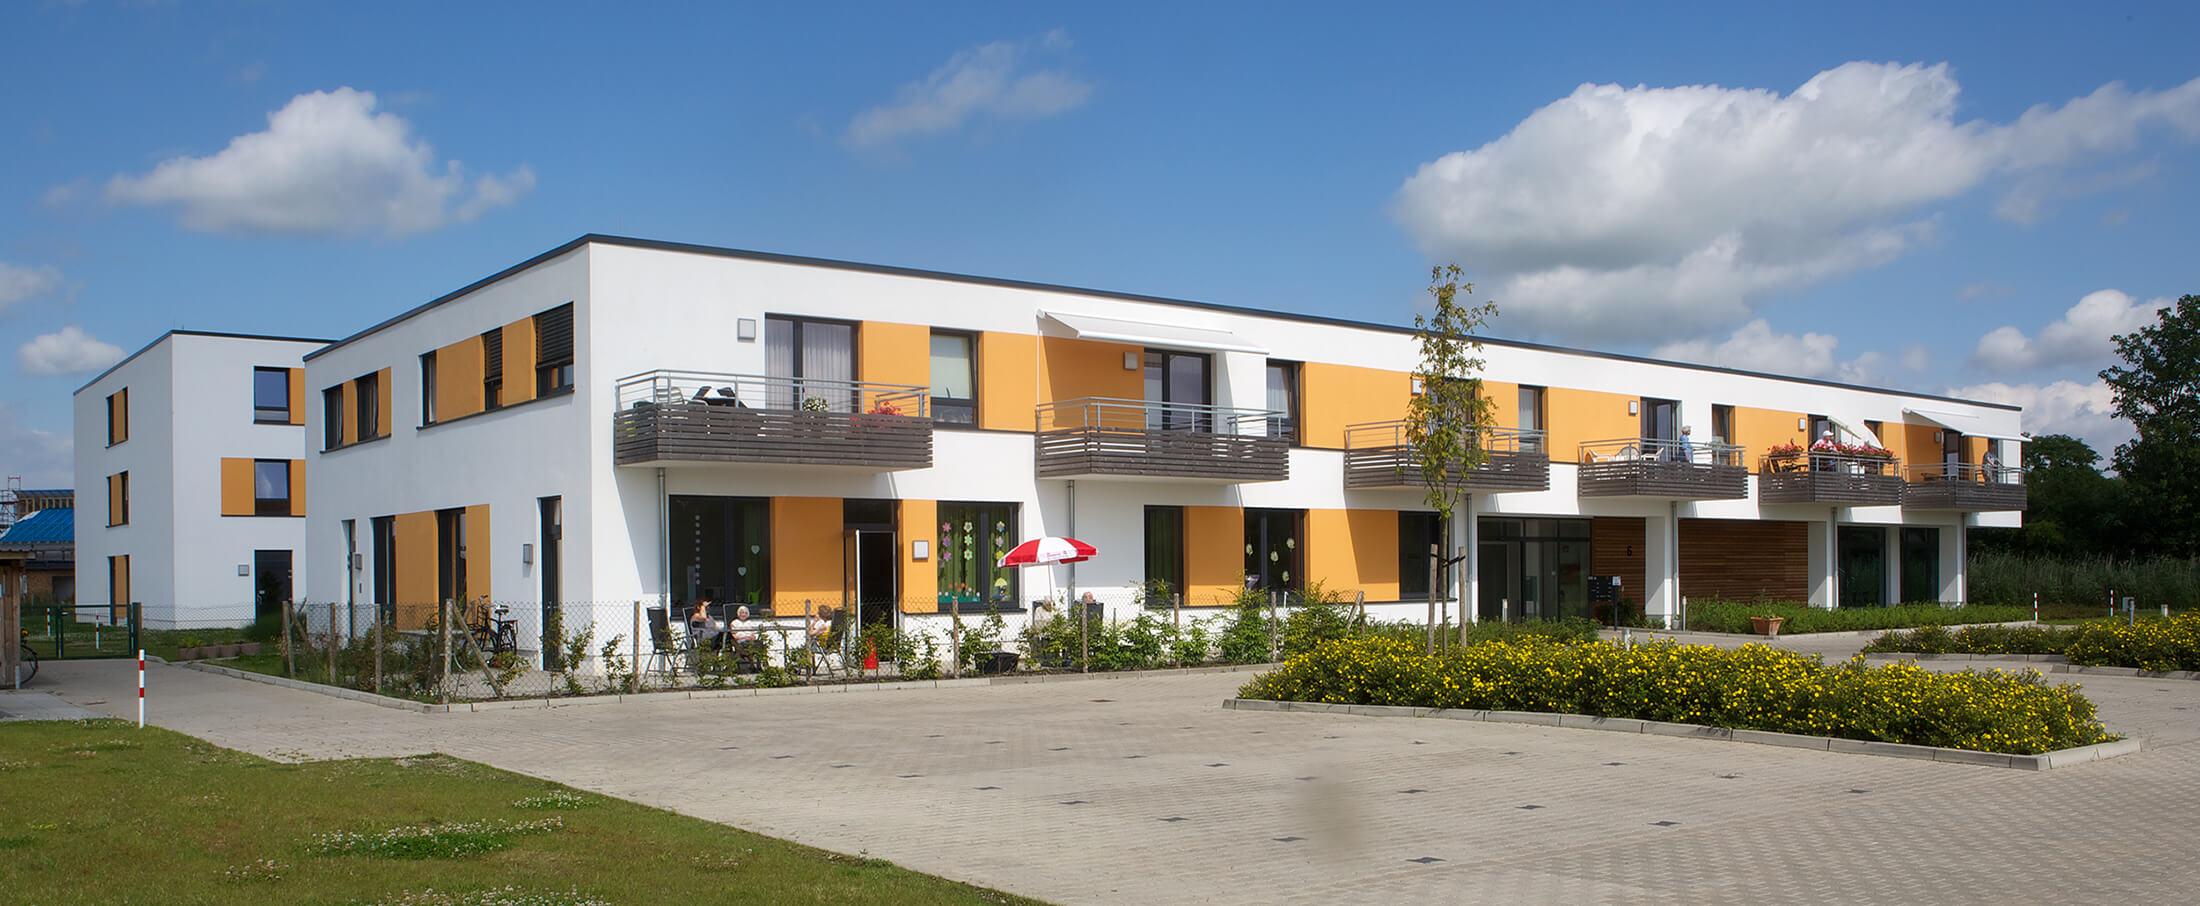 Wohnanlage Haus Tongern in Nordenham